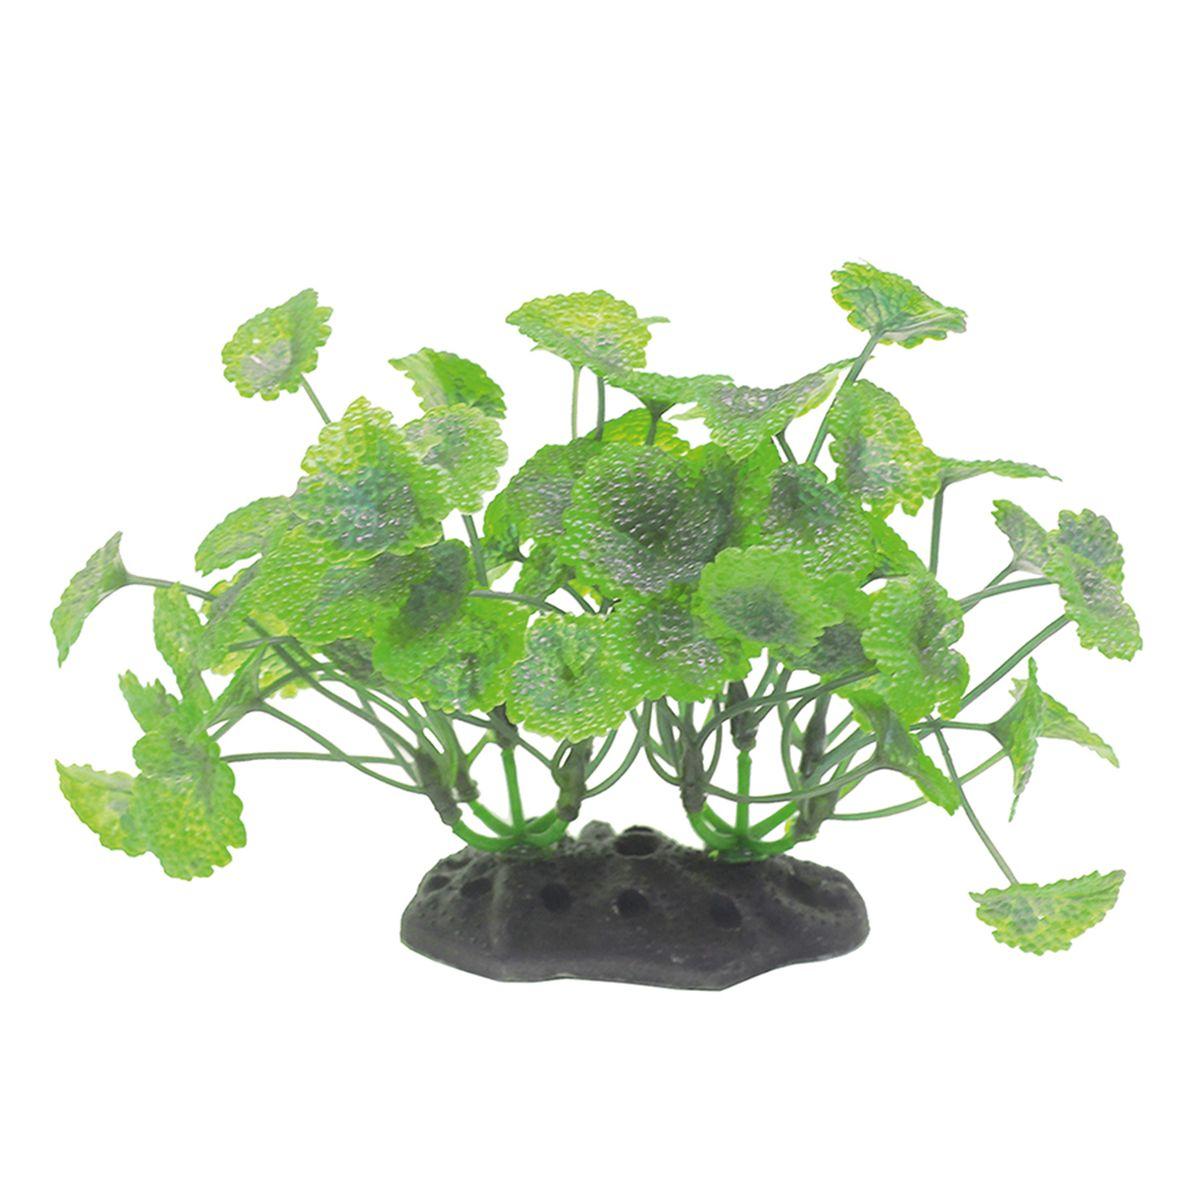 Растение для аквариума ArtUniq Щитолистник, высота 10-12 см12171996Композиция из искусственных растений ArtUniq превосходно украсит и оживит аквариум.Растения - это важная часть любой композиции, они помогут вдохнуть жизнь в ландшафт любого аквариума или террариума. А их сходствос природными порадует даже самых взыскательных ценителей.